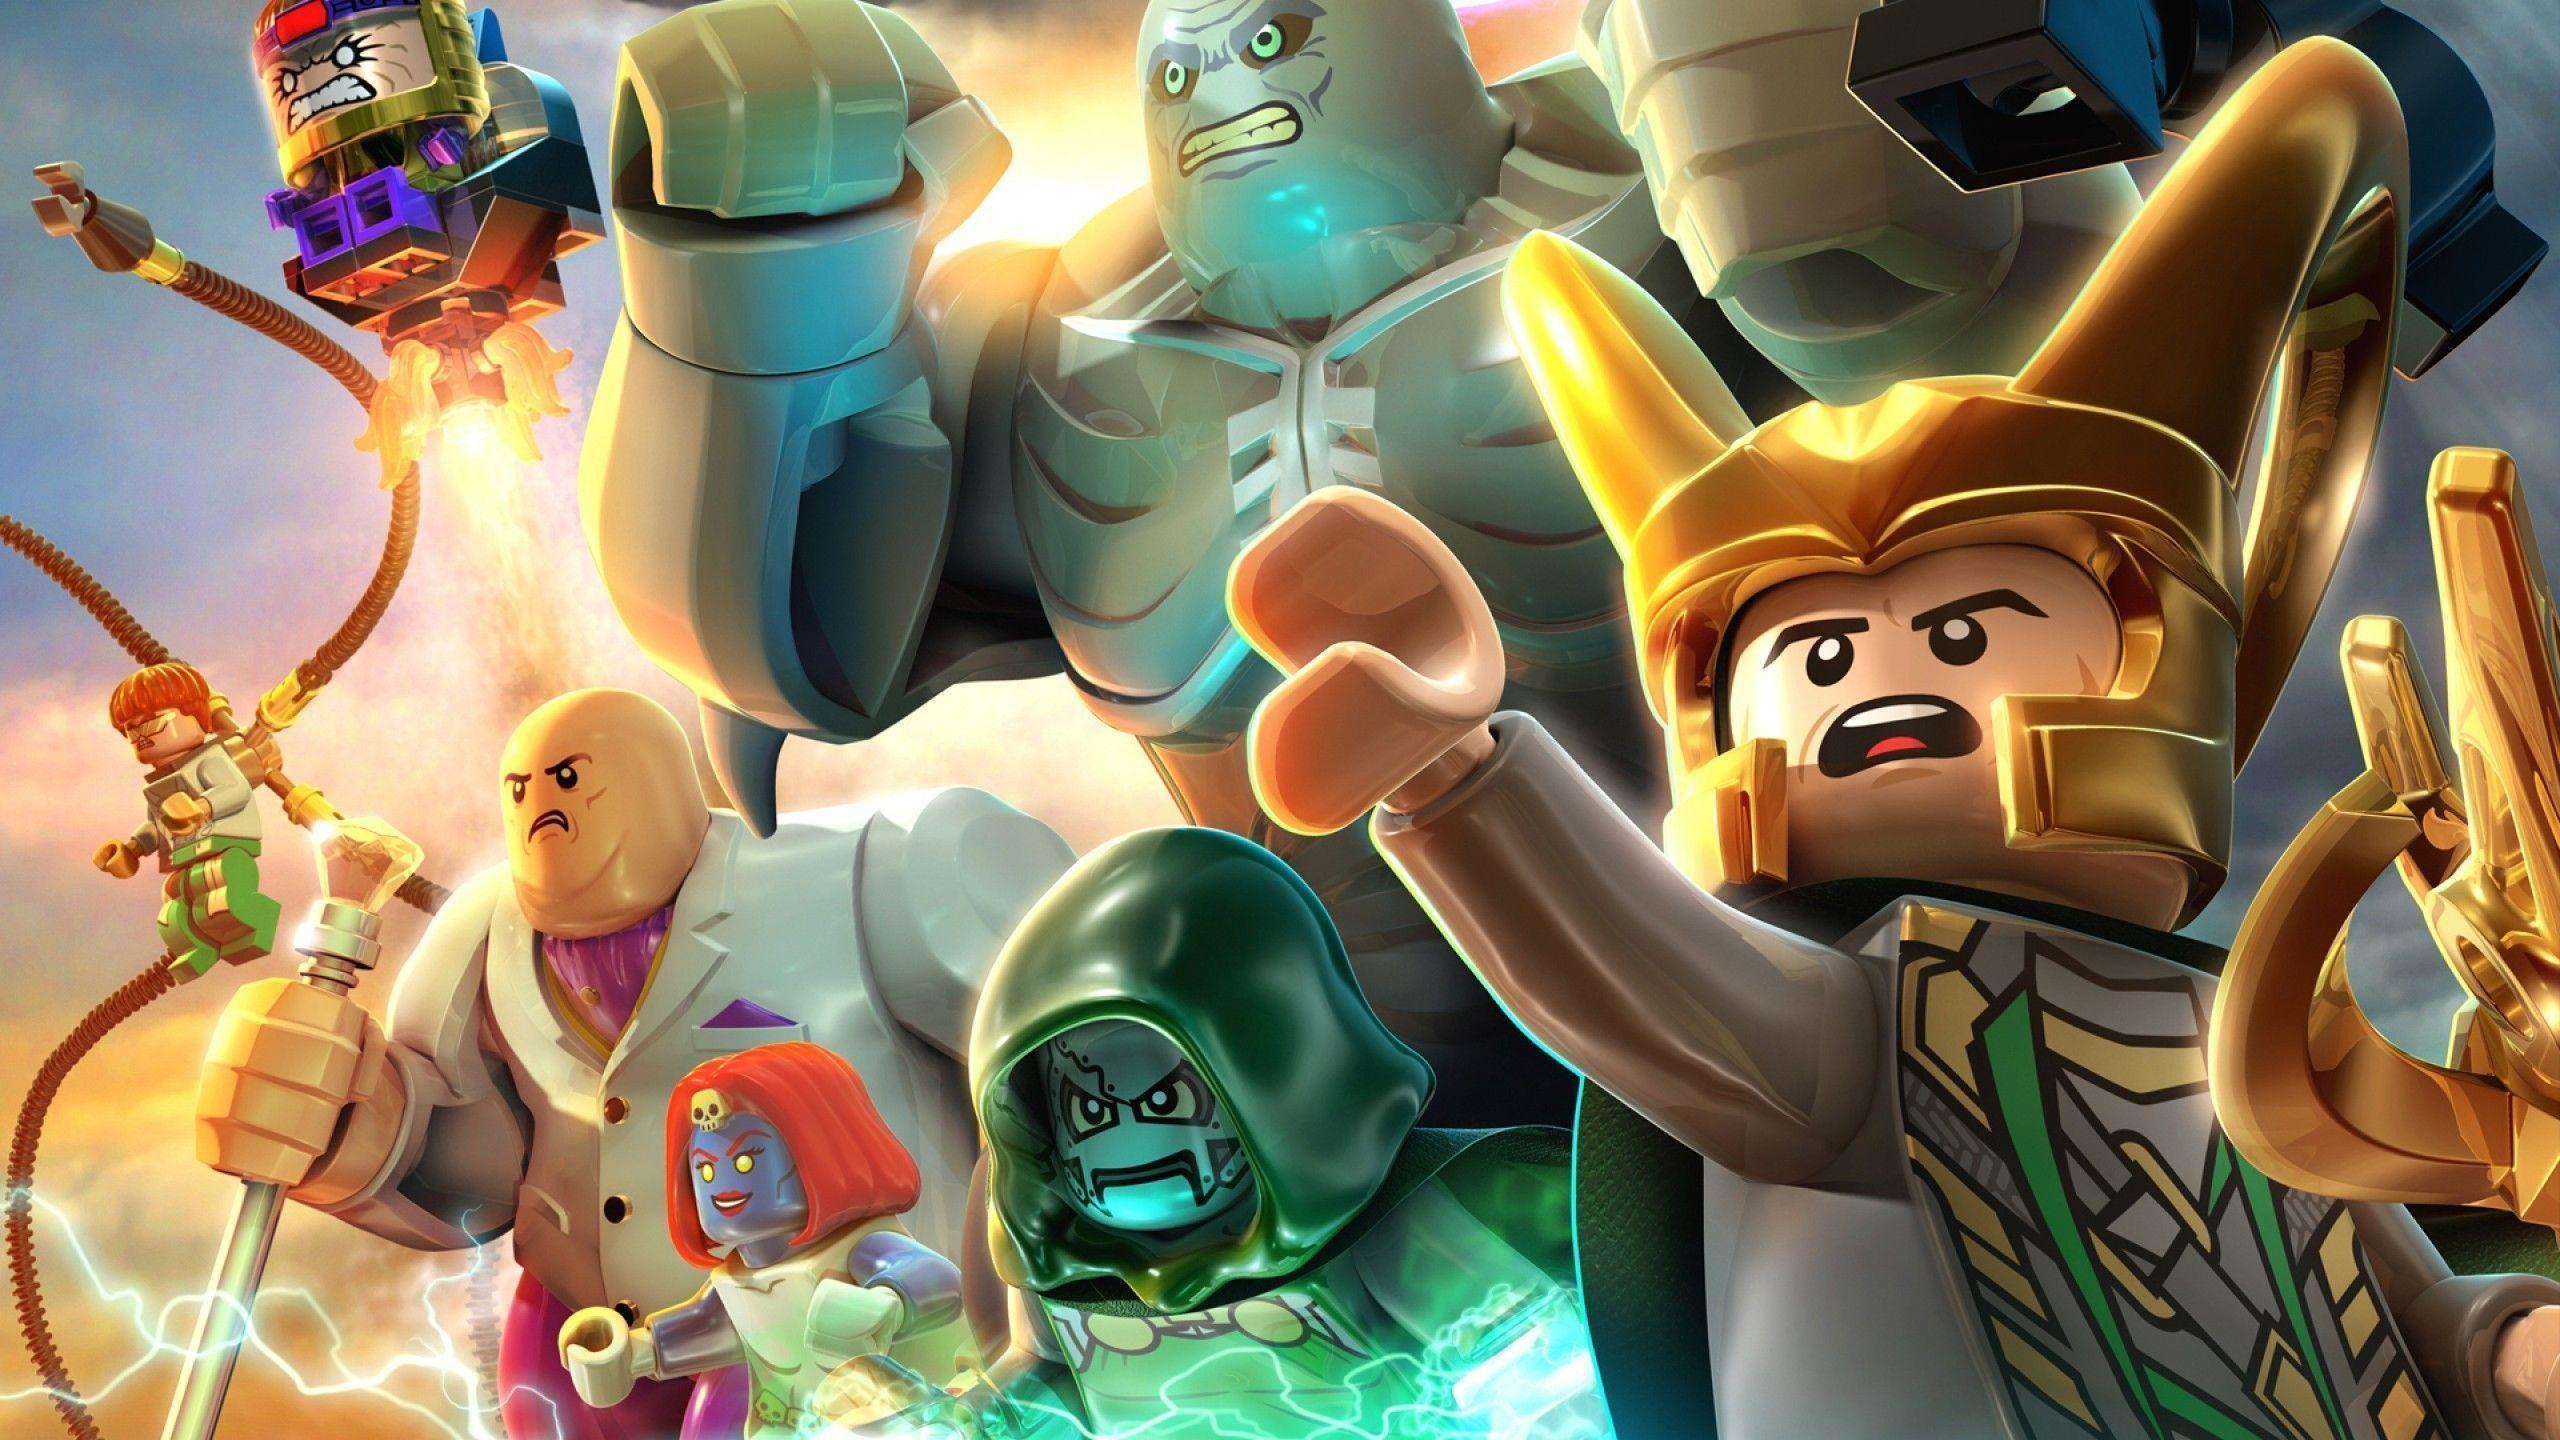 Wallpaper The Lego Batman Movie, Characters, Batman - Lego Super Heroes 2 , HD Wallpaper & Backgrounds